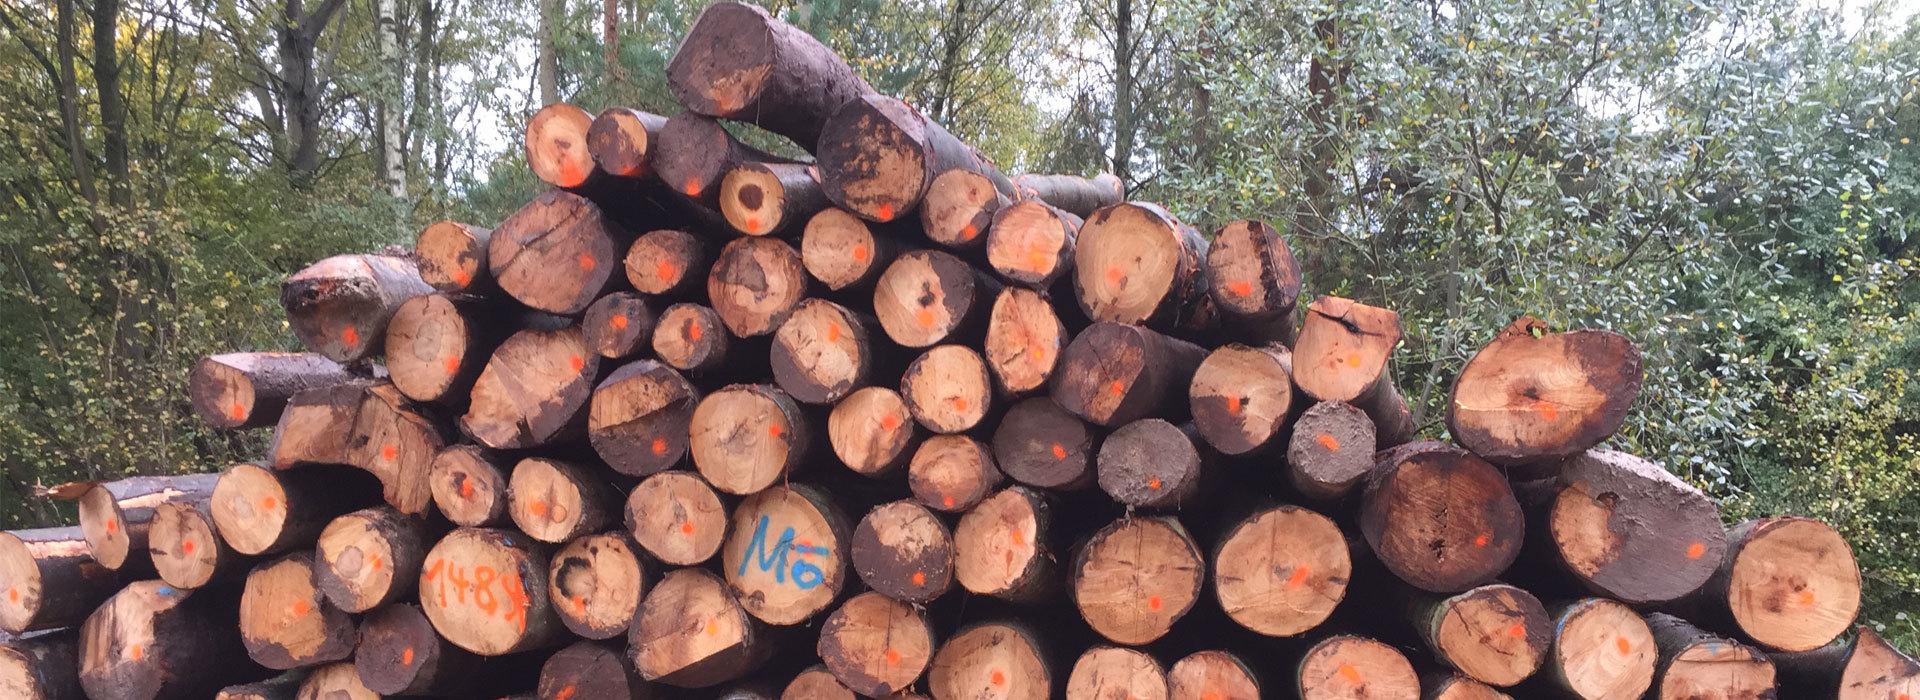 Holzverkauf-Selbstwerbung